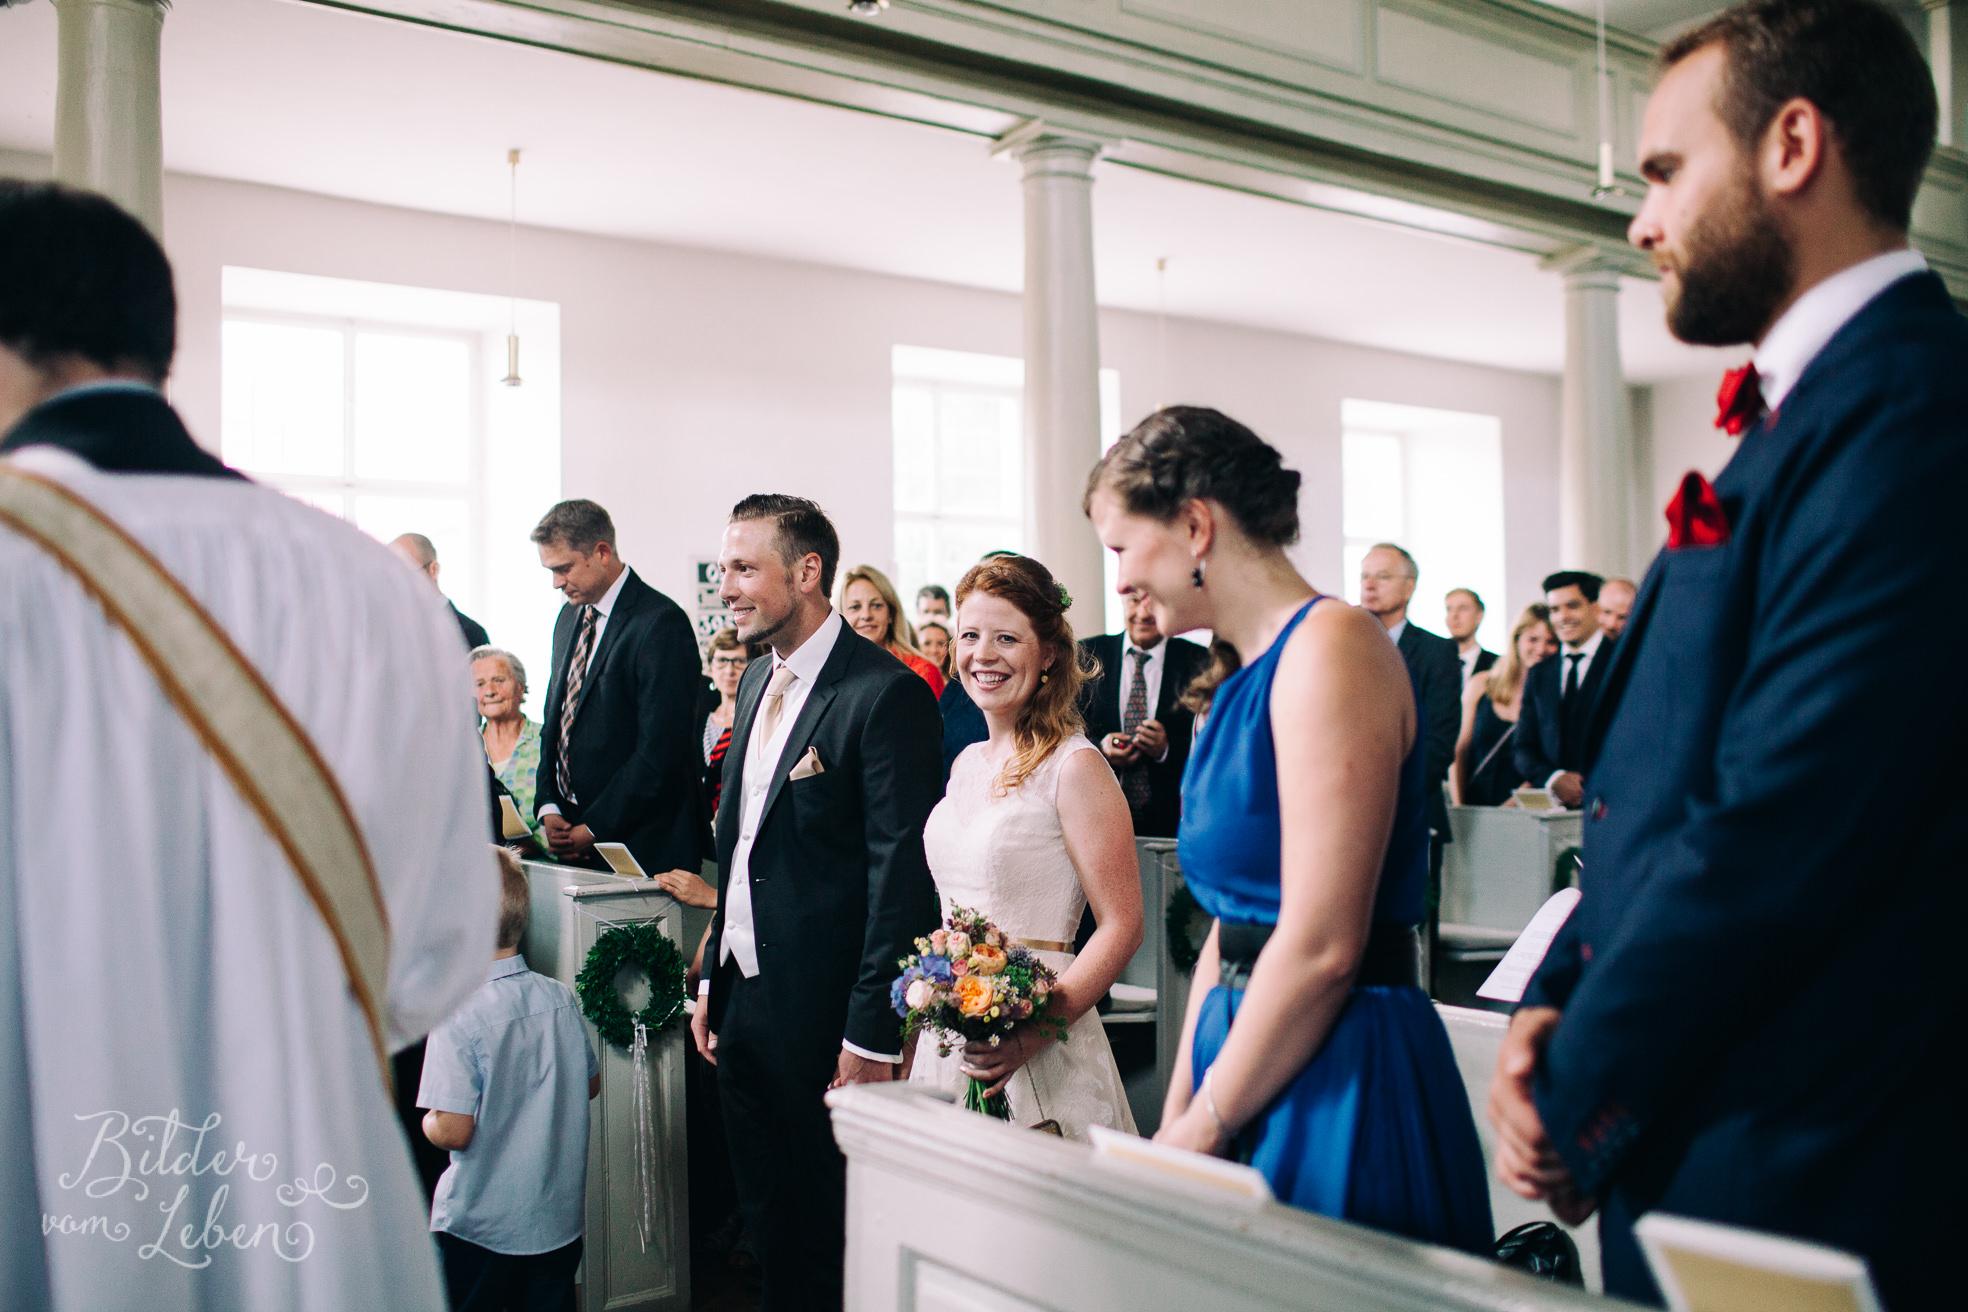 Franzi-Mike-Hochzeitsfotos-Triesdorf-_MG_9259